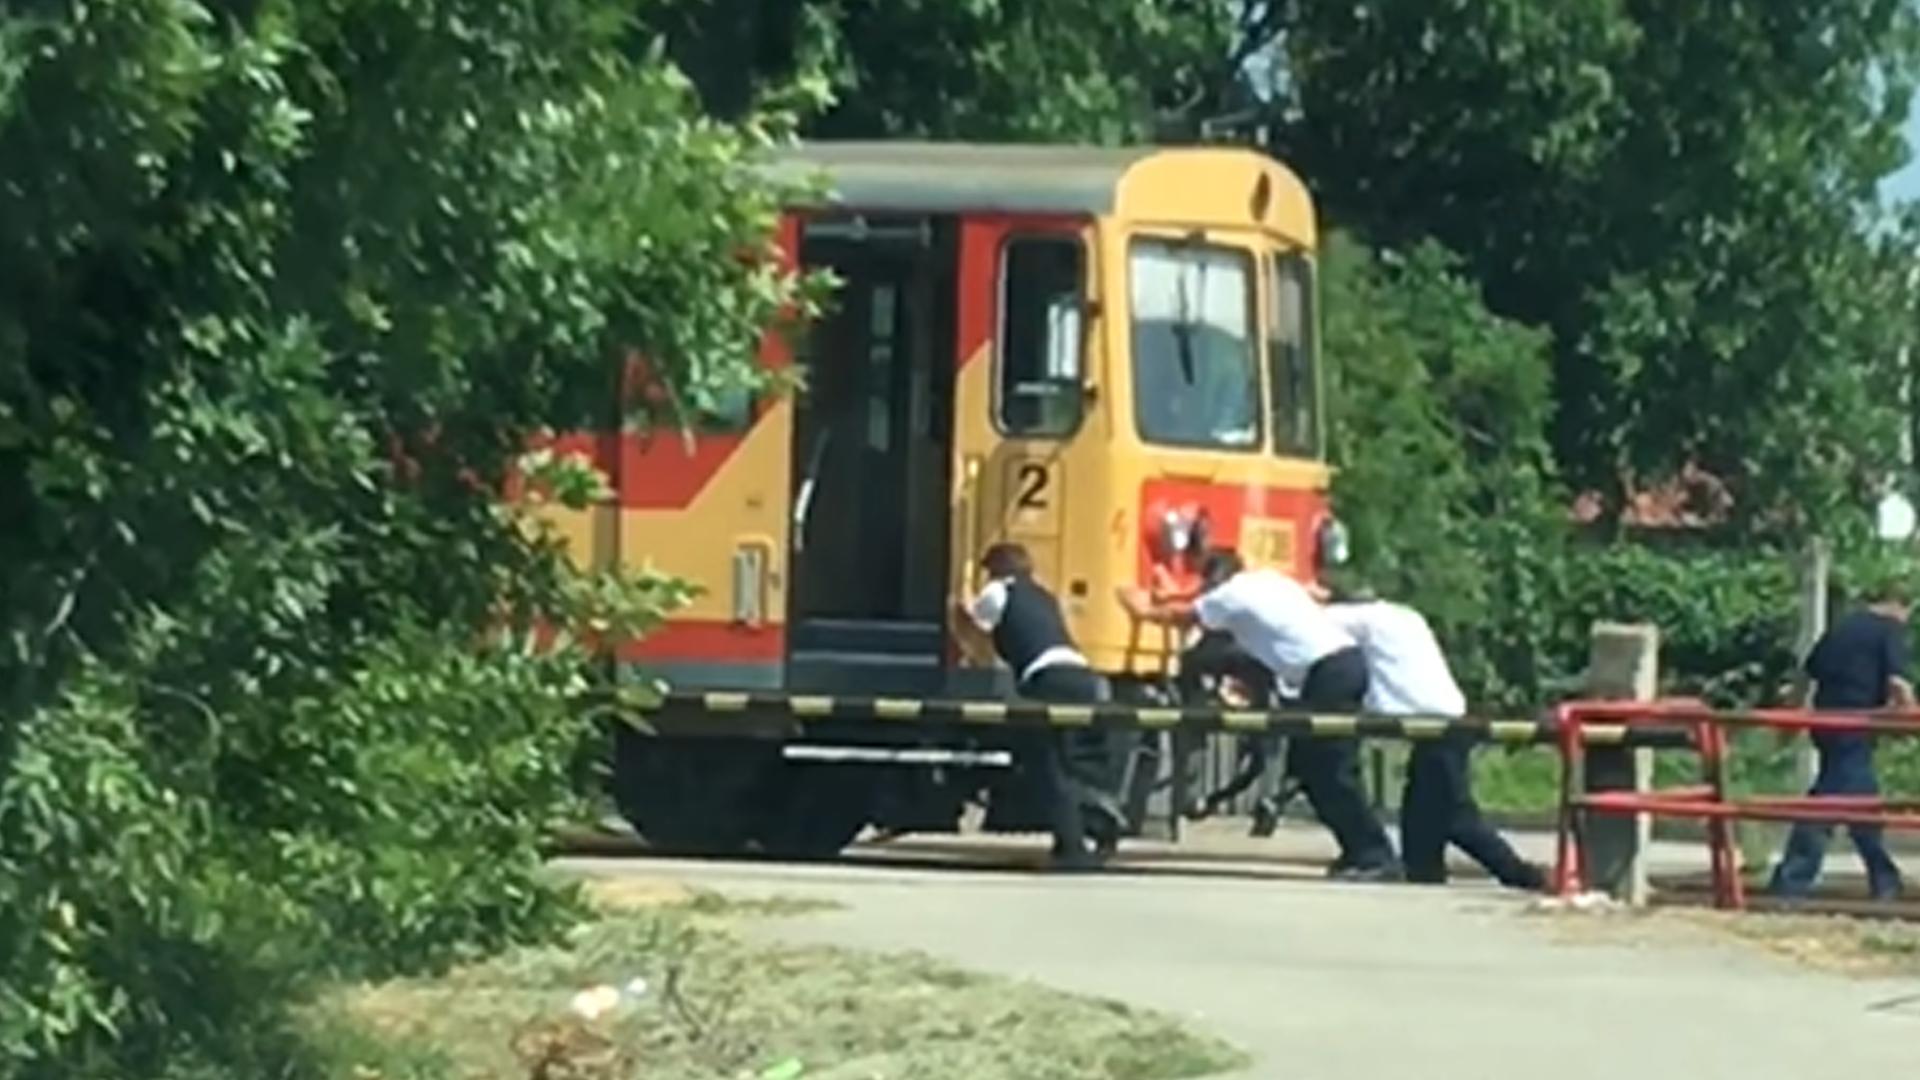 Emberhajtású vonat közlekedik Tiszalökön